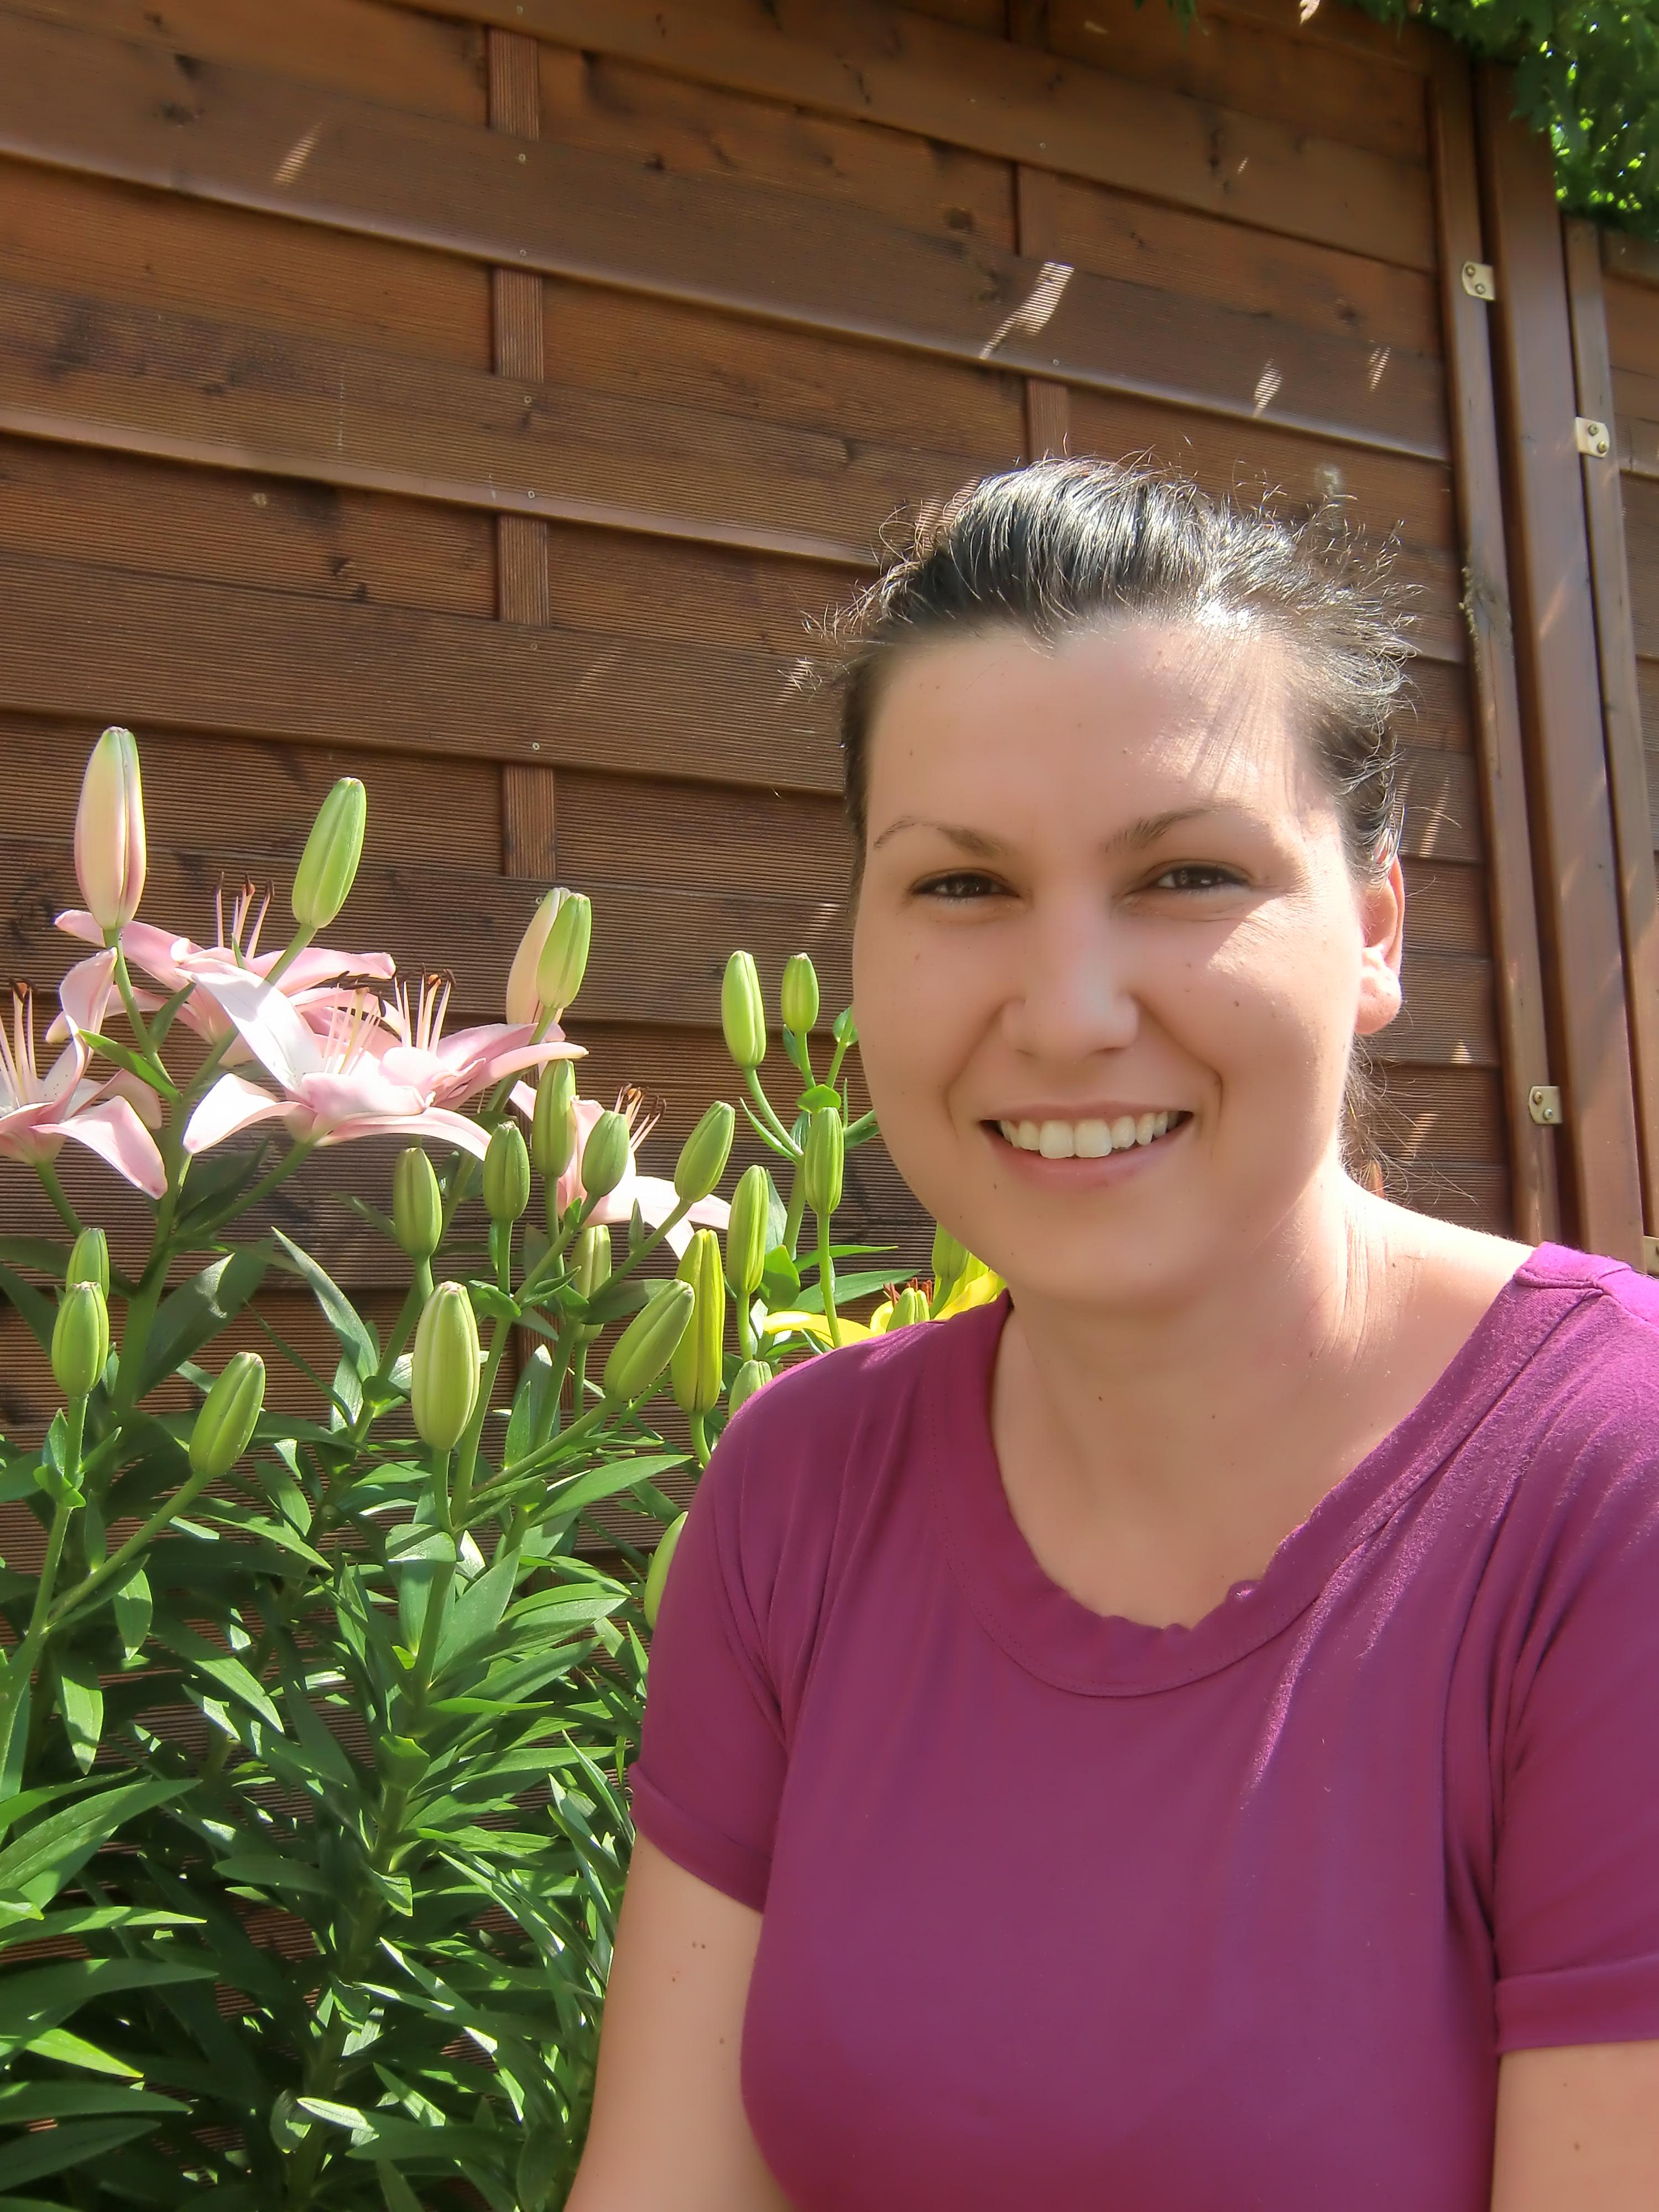 Iris Schoerg